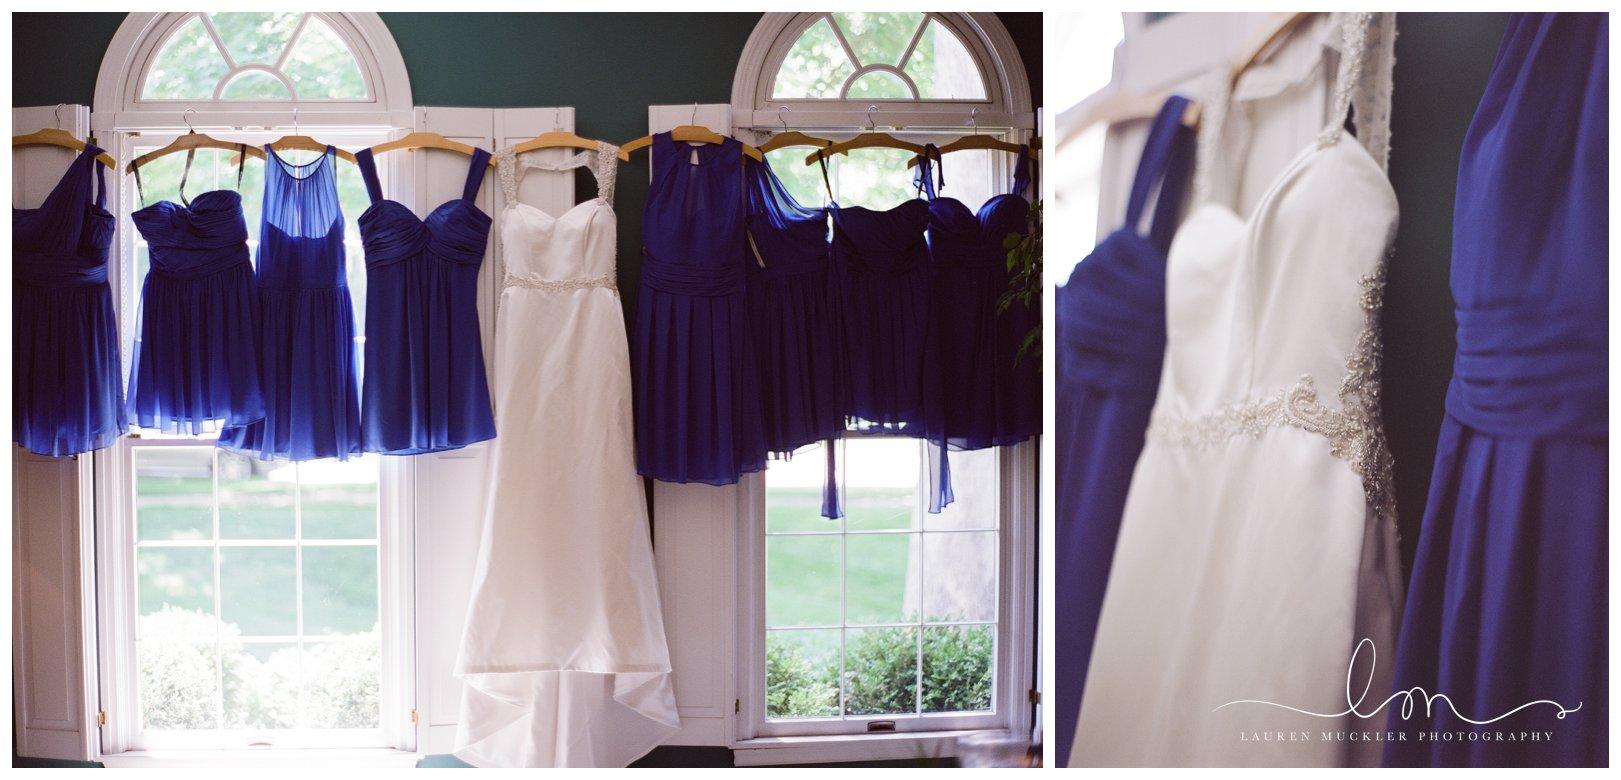 lauren muckler photography_fine art film wedding photography_st louis_photography_0208.jpg